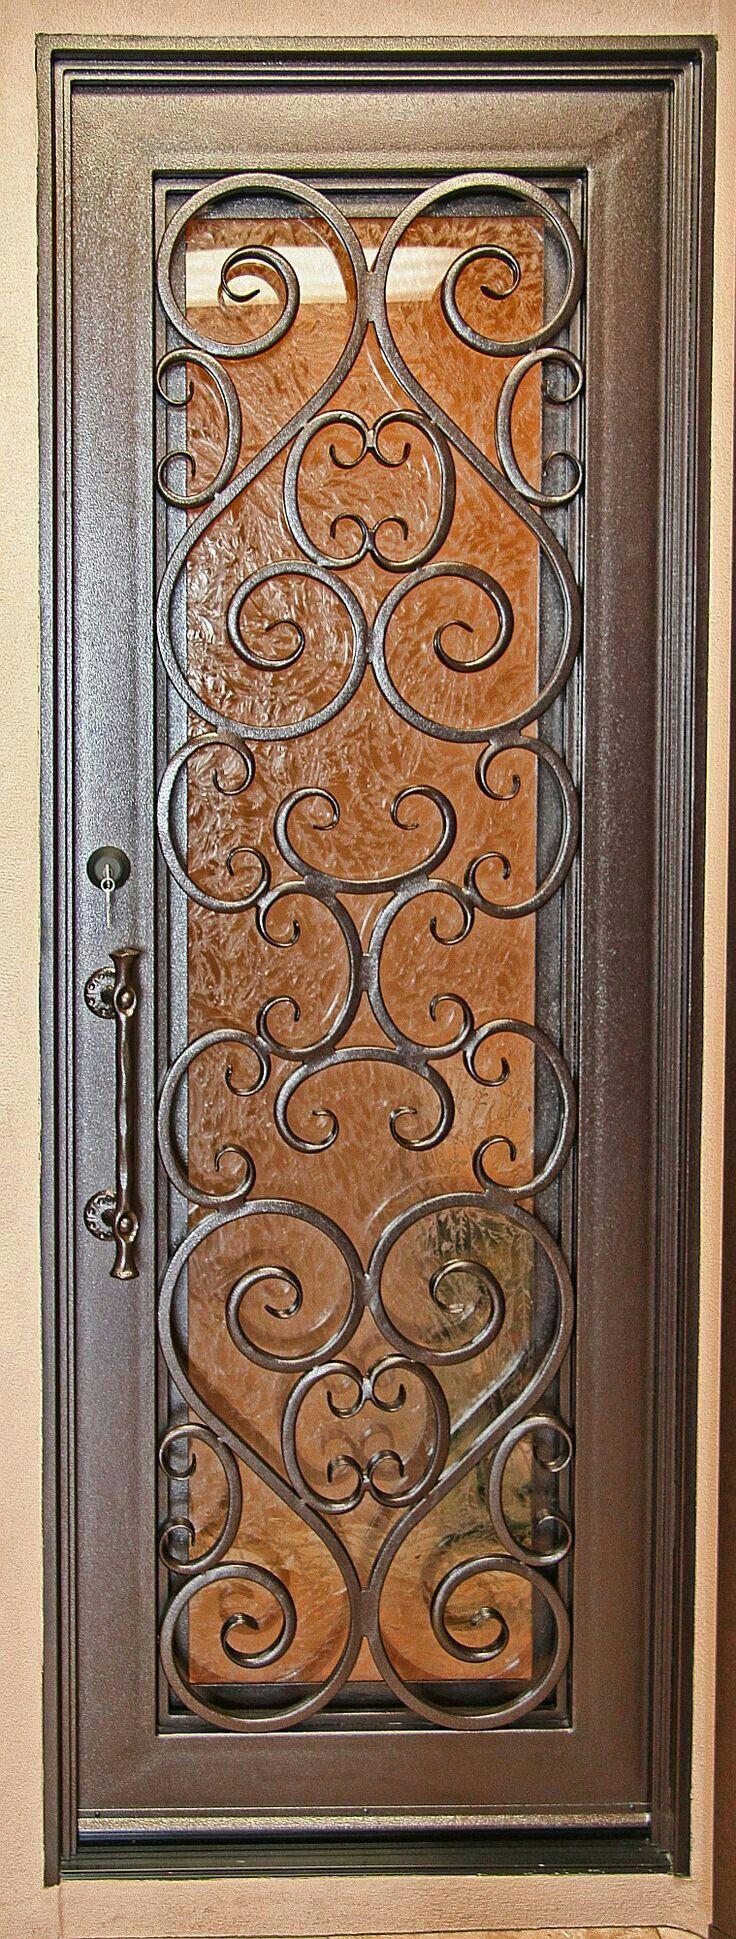 944 besten Ornamental Iron Bilder auf Pinterest